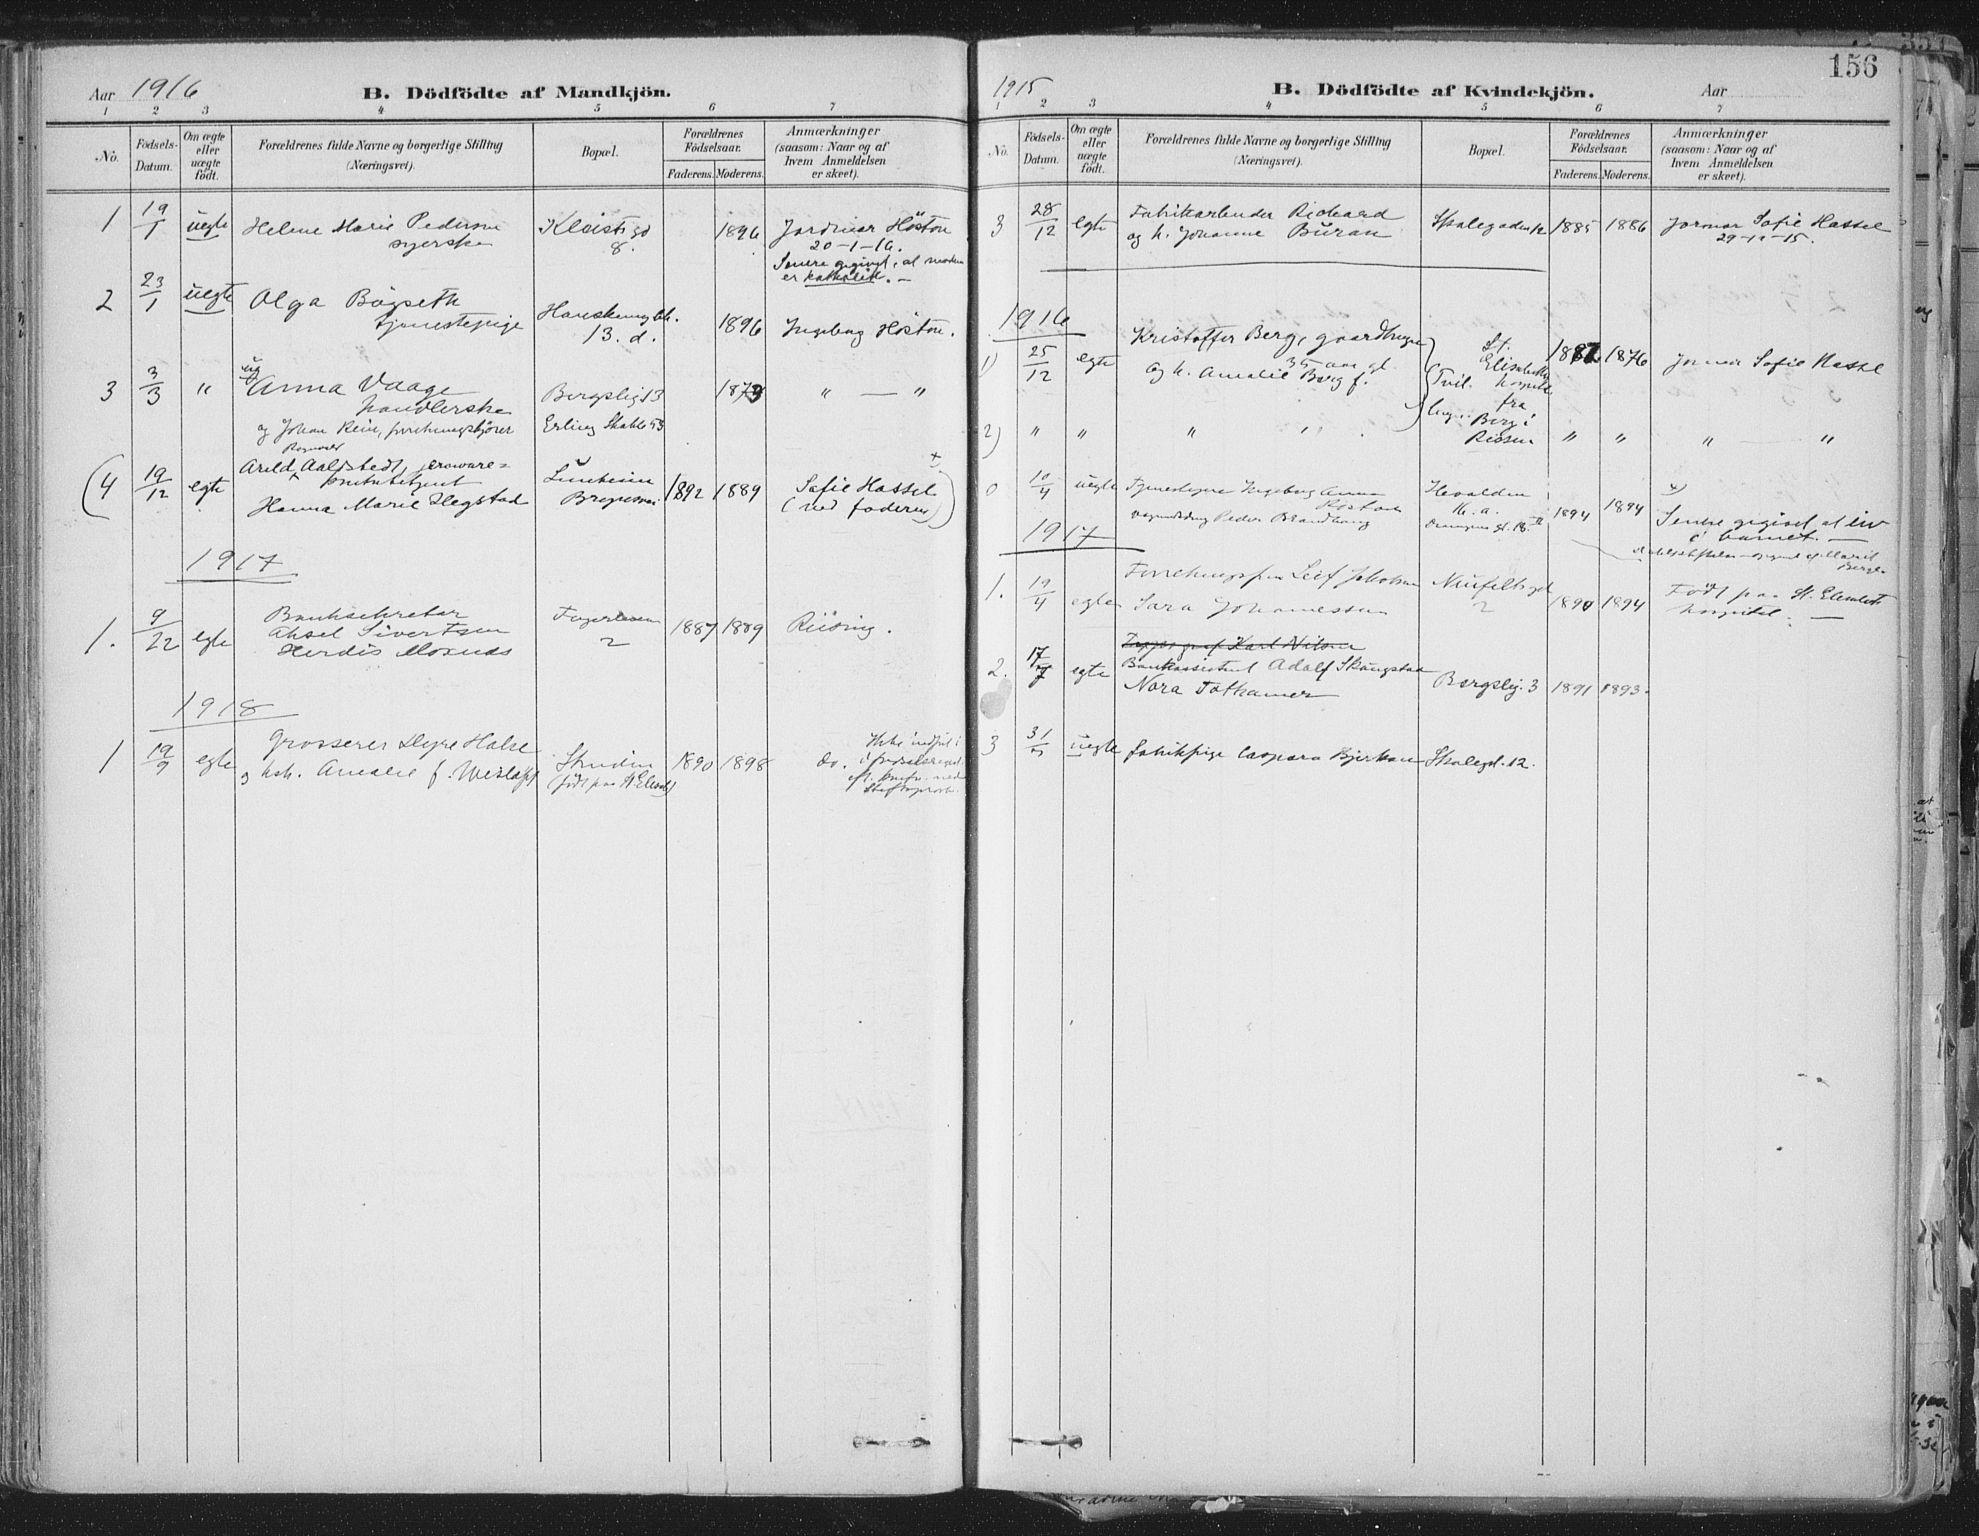 SAT, Ministerialprotokoller, klokkerbøker og fødselsregistre - Sør-Trøndelag, 603/L0167: Ministerialbok nr. 603A06, 1896-1932, s. 156